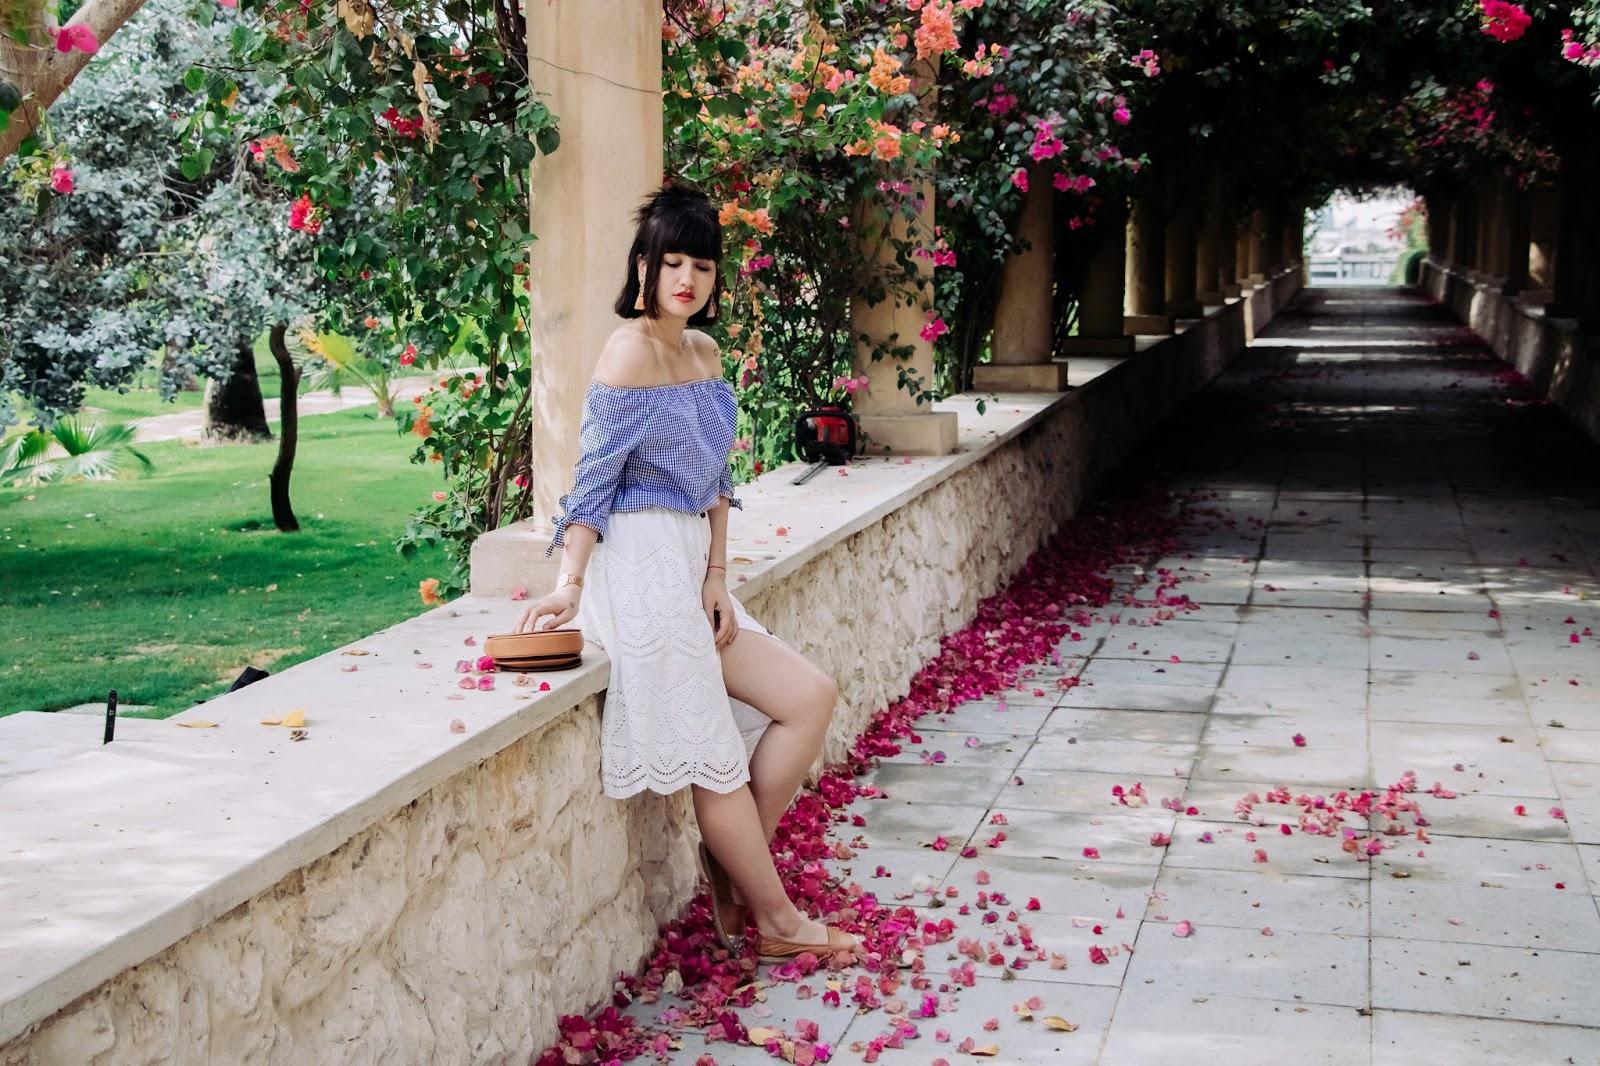 parisianfashionblogger - Flower Arch